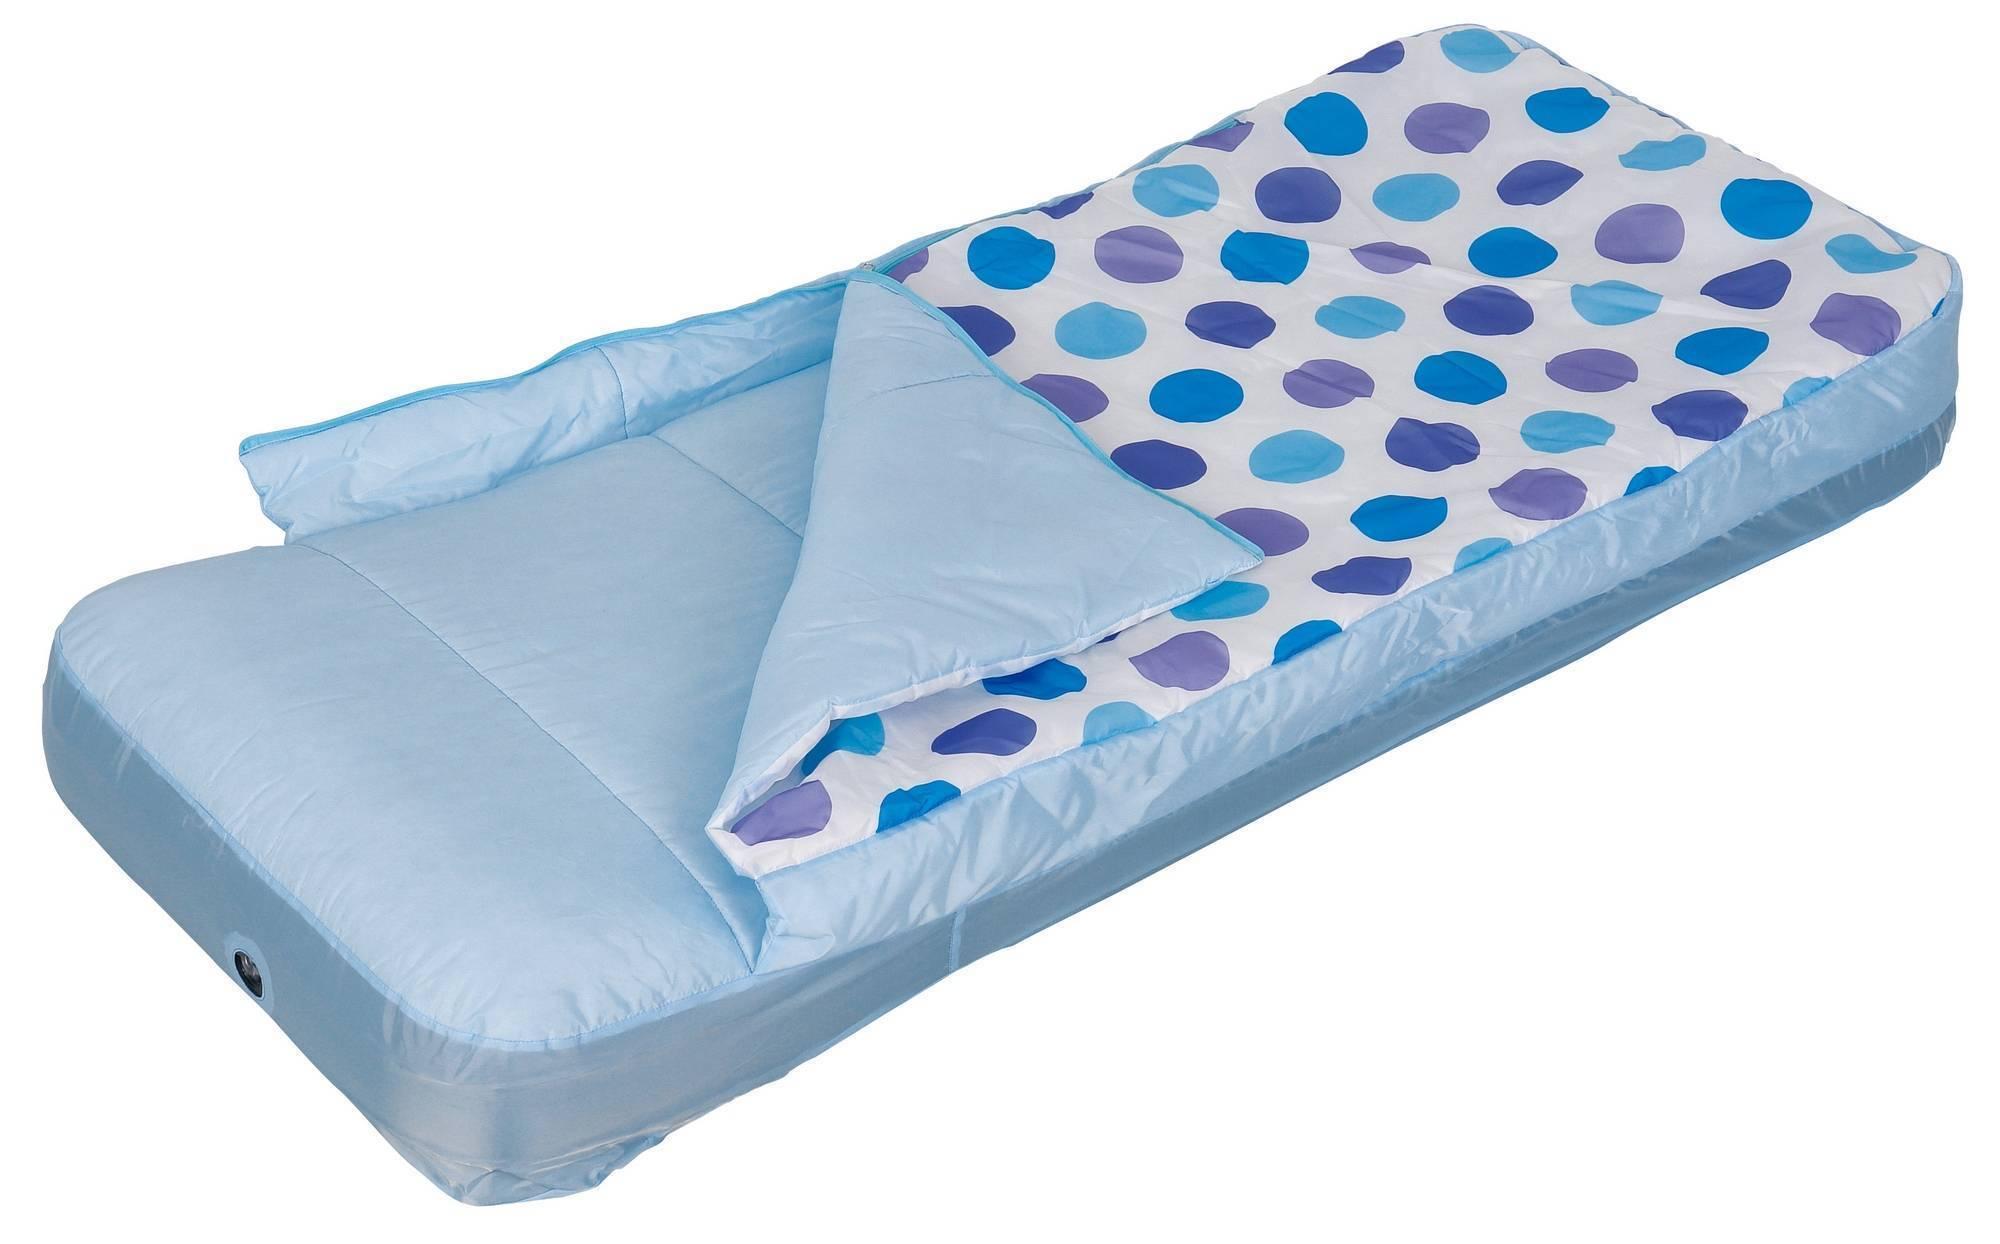 Кровать матрац надувная со спальным мешком, hula elly, 64*152*20, насос 66802 (х) доставка, мебель, детская мебель